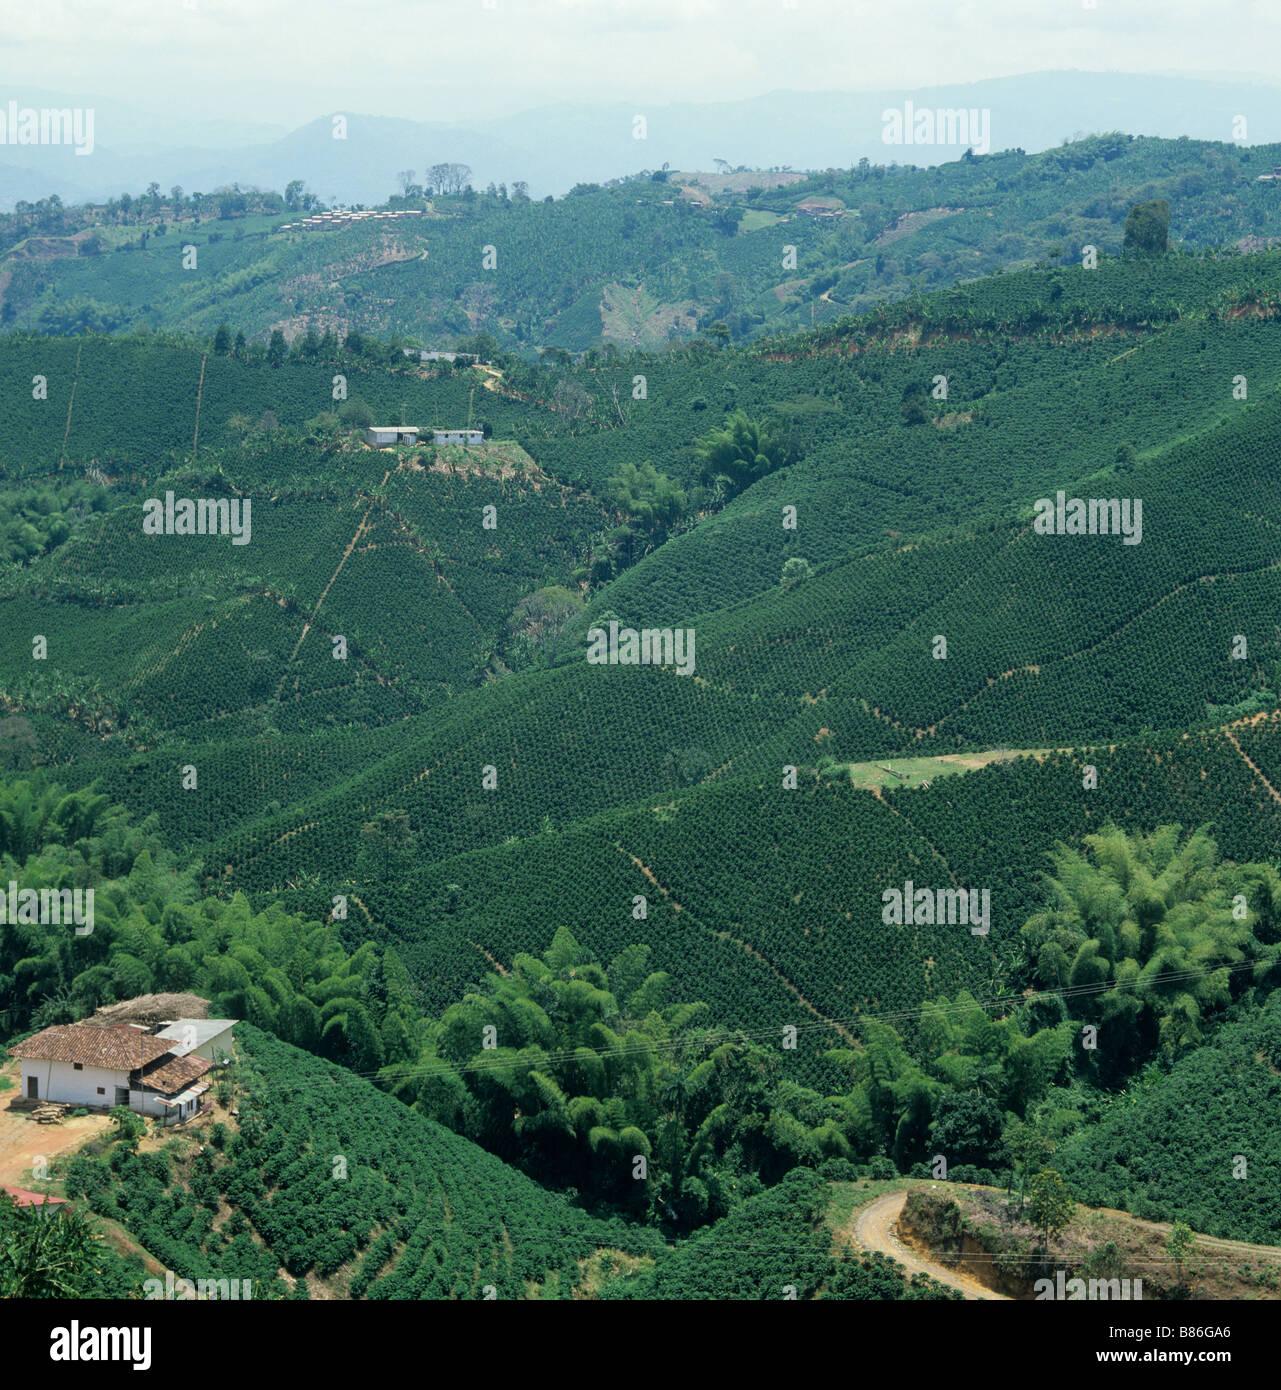 Las plantaciones de café de llanura sin árboles de sombra en Colombia Sudamérica Imagen De Stock